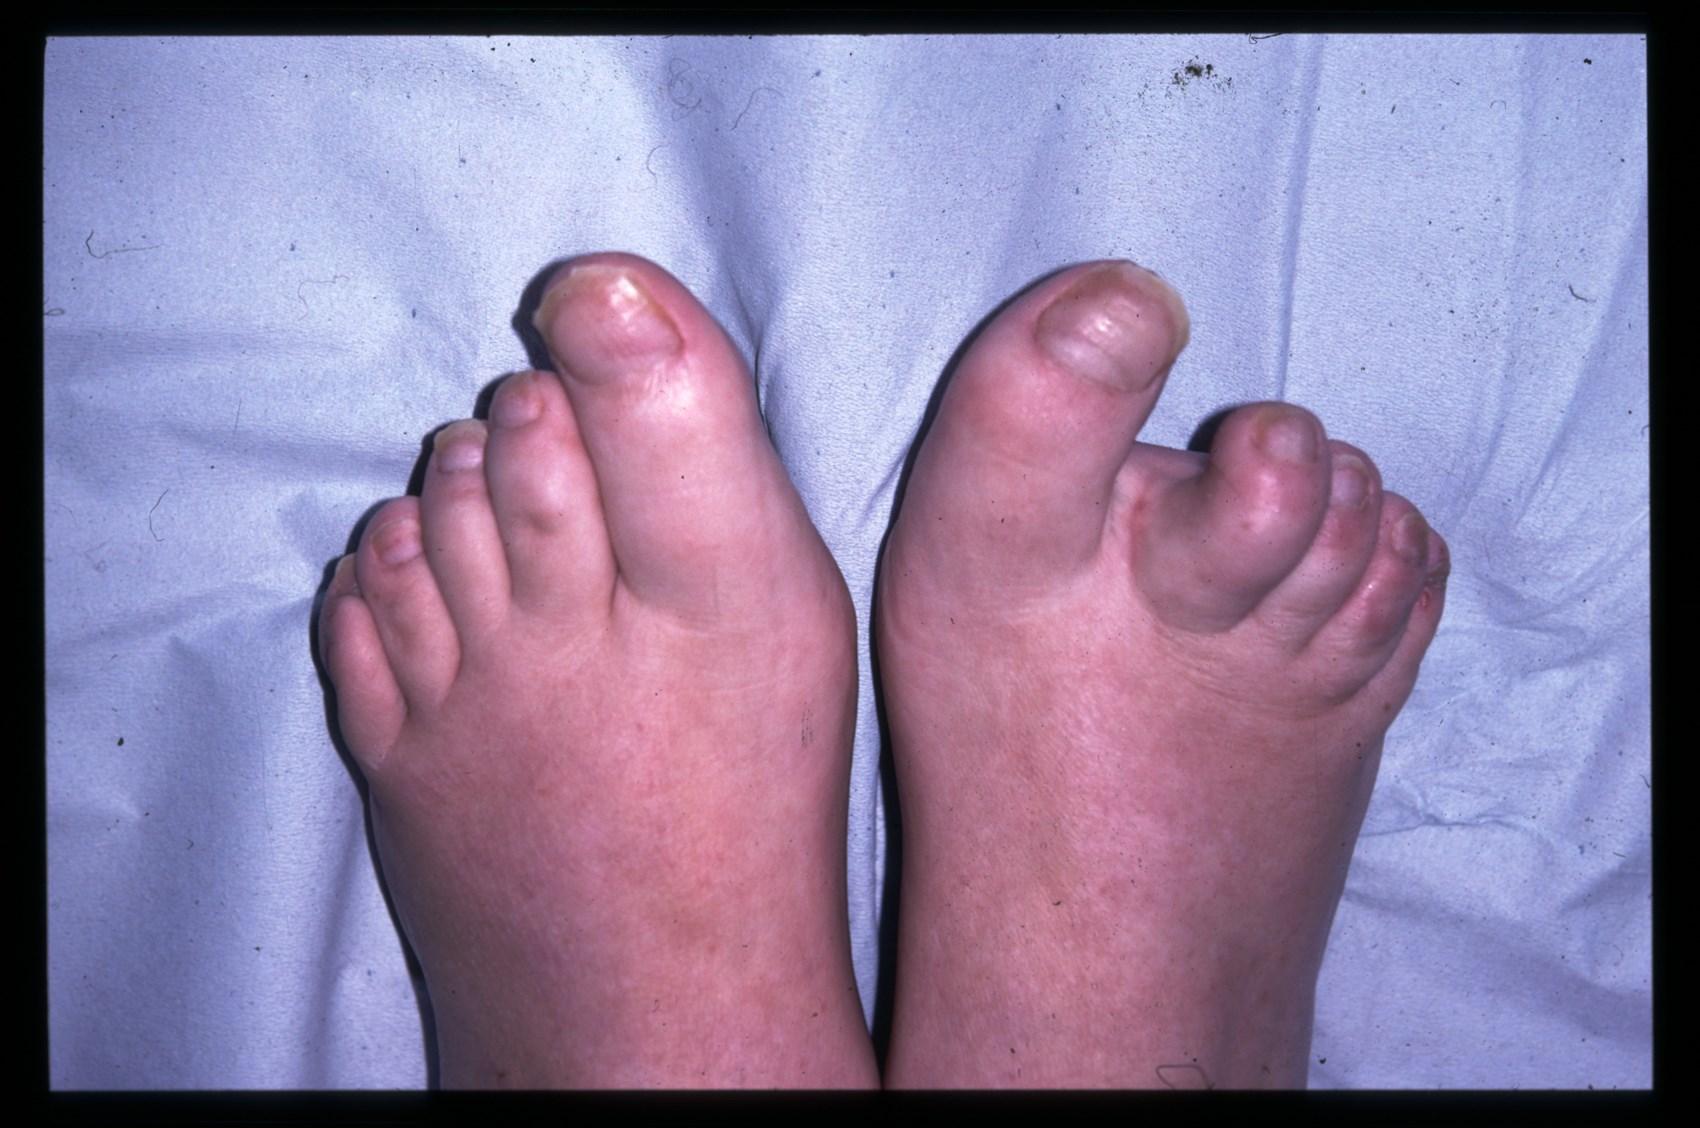 psoriasis on toes kezelés vörös durva foltok a lábakon és a karokon